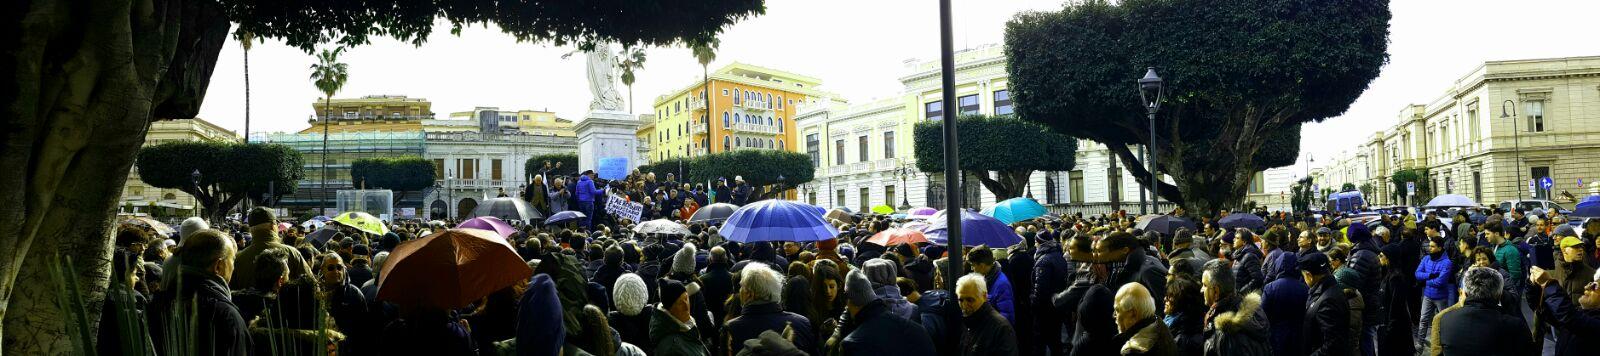 Aeroporti Crotone e Reggio, si apre uno spiraglioSagas si impegna a ritirare il ricorso contro Enac